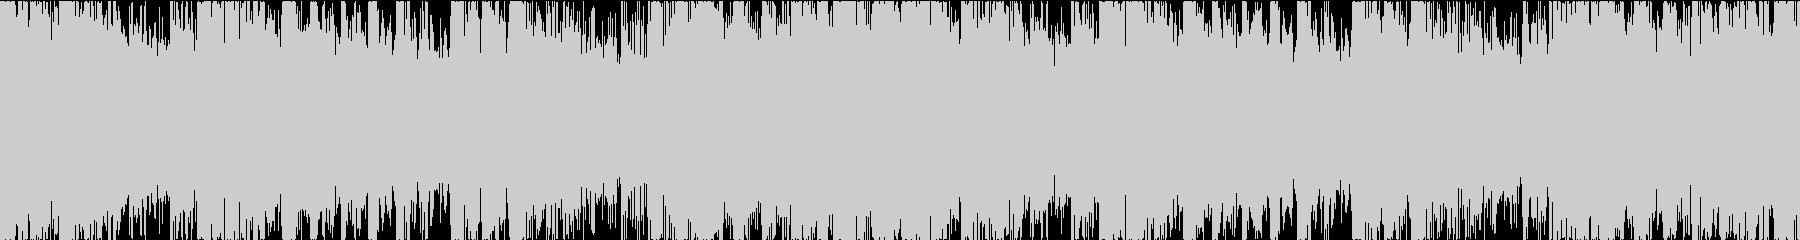 BGM09 琴Ⅱ 16秒ループの未再生の波形